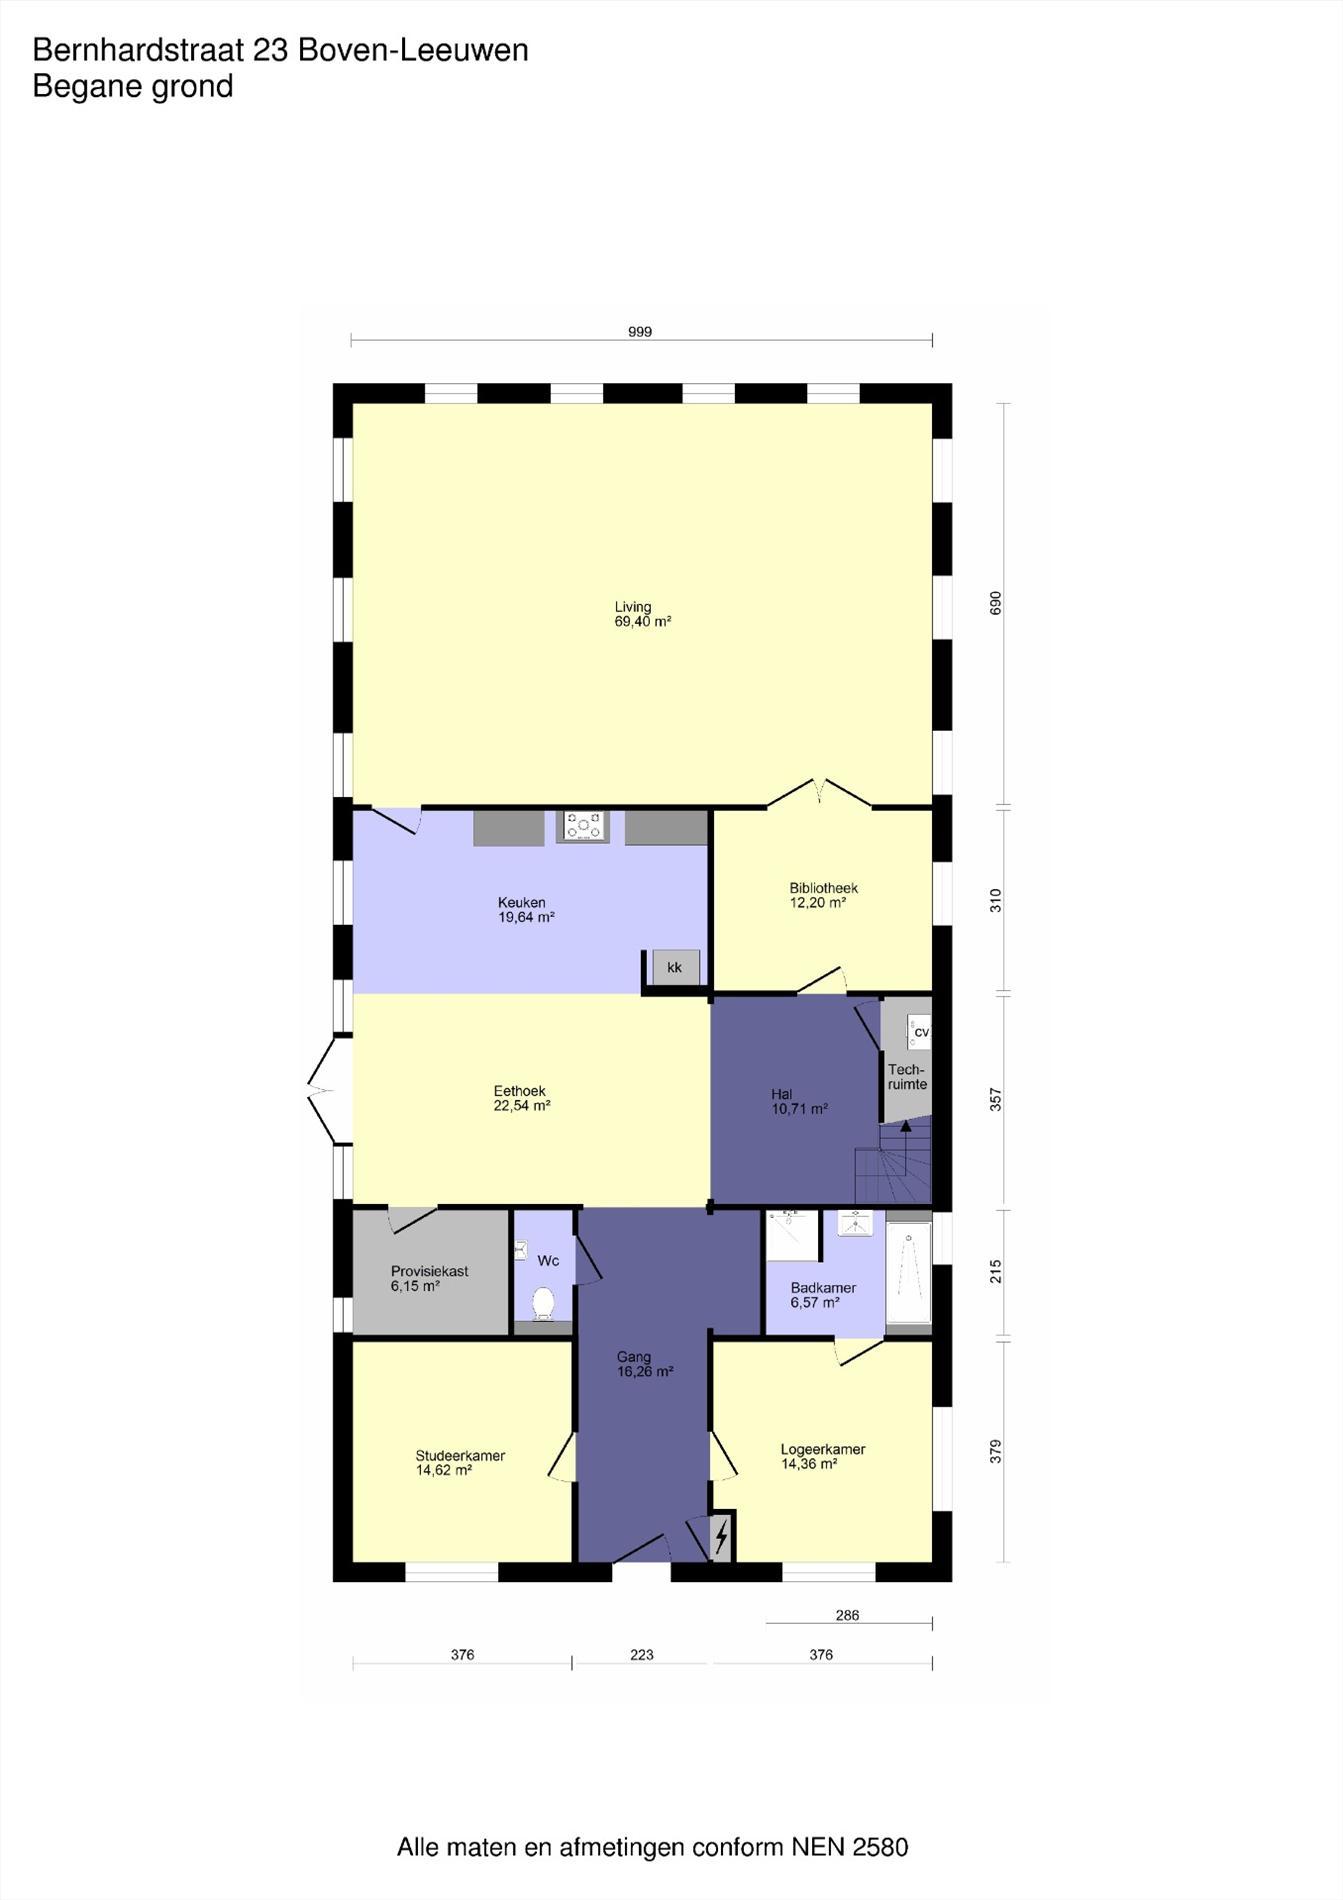 Floorplan - Bernhardstraat 23, 6657 AD Boven-Leeuwen